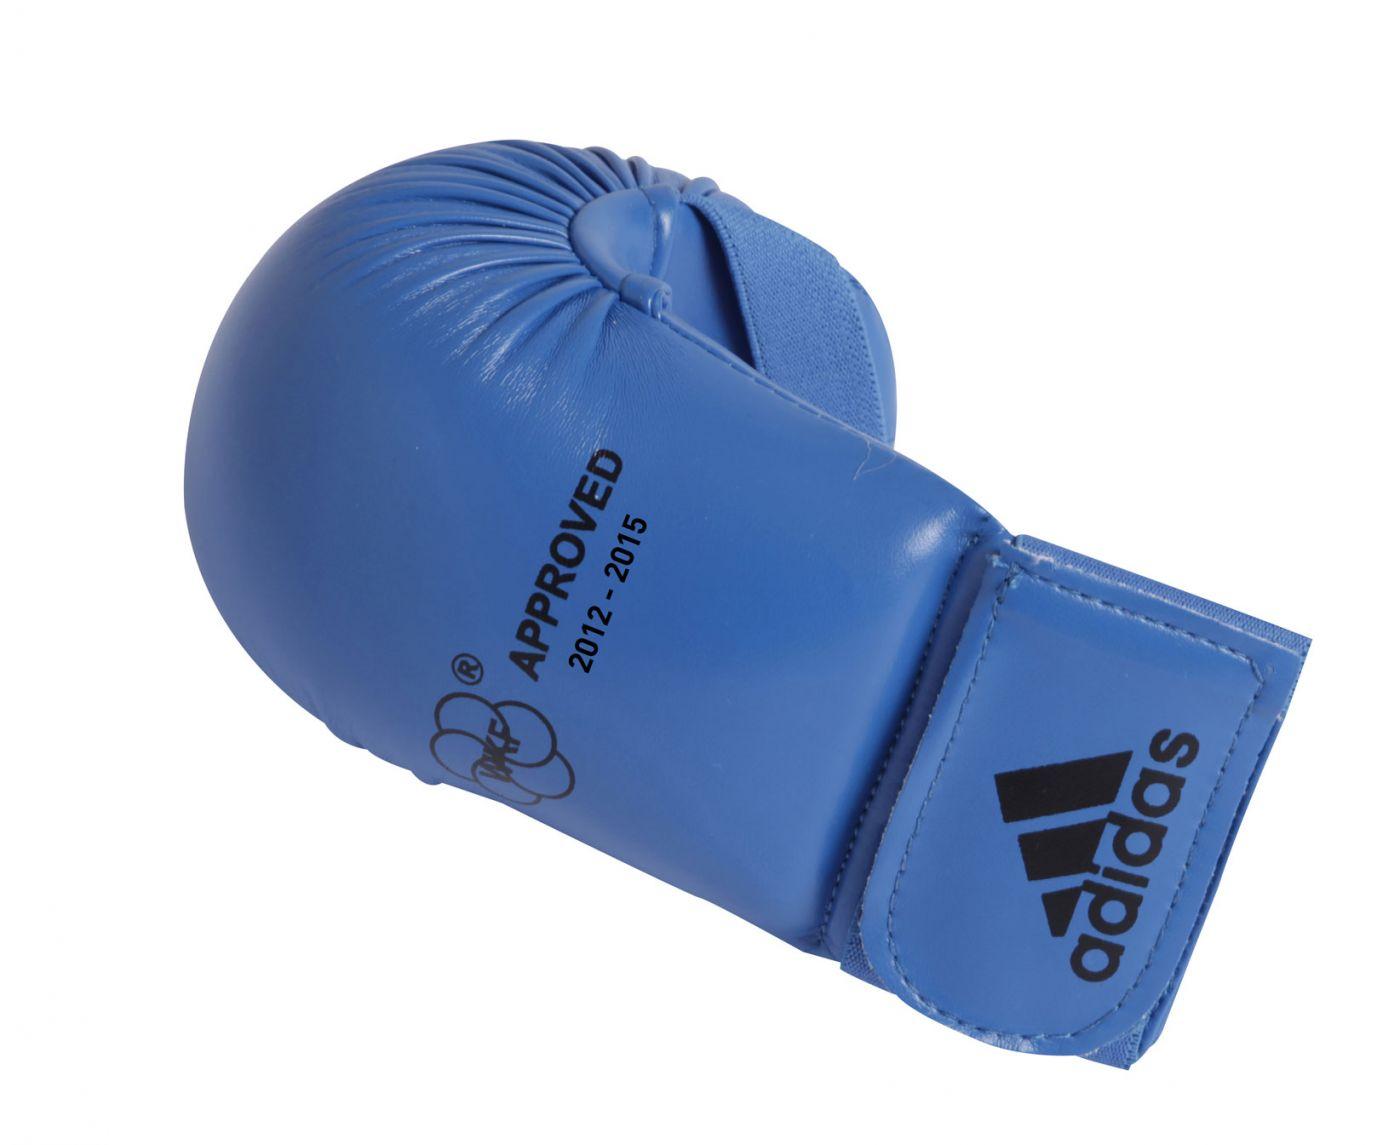 Накладки для карате WKF Bigger синие, размер XL, артикул 661.22